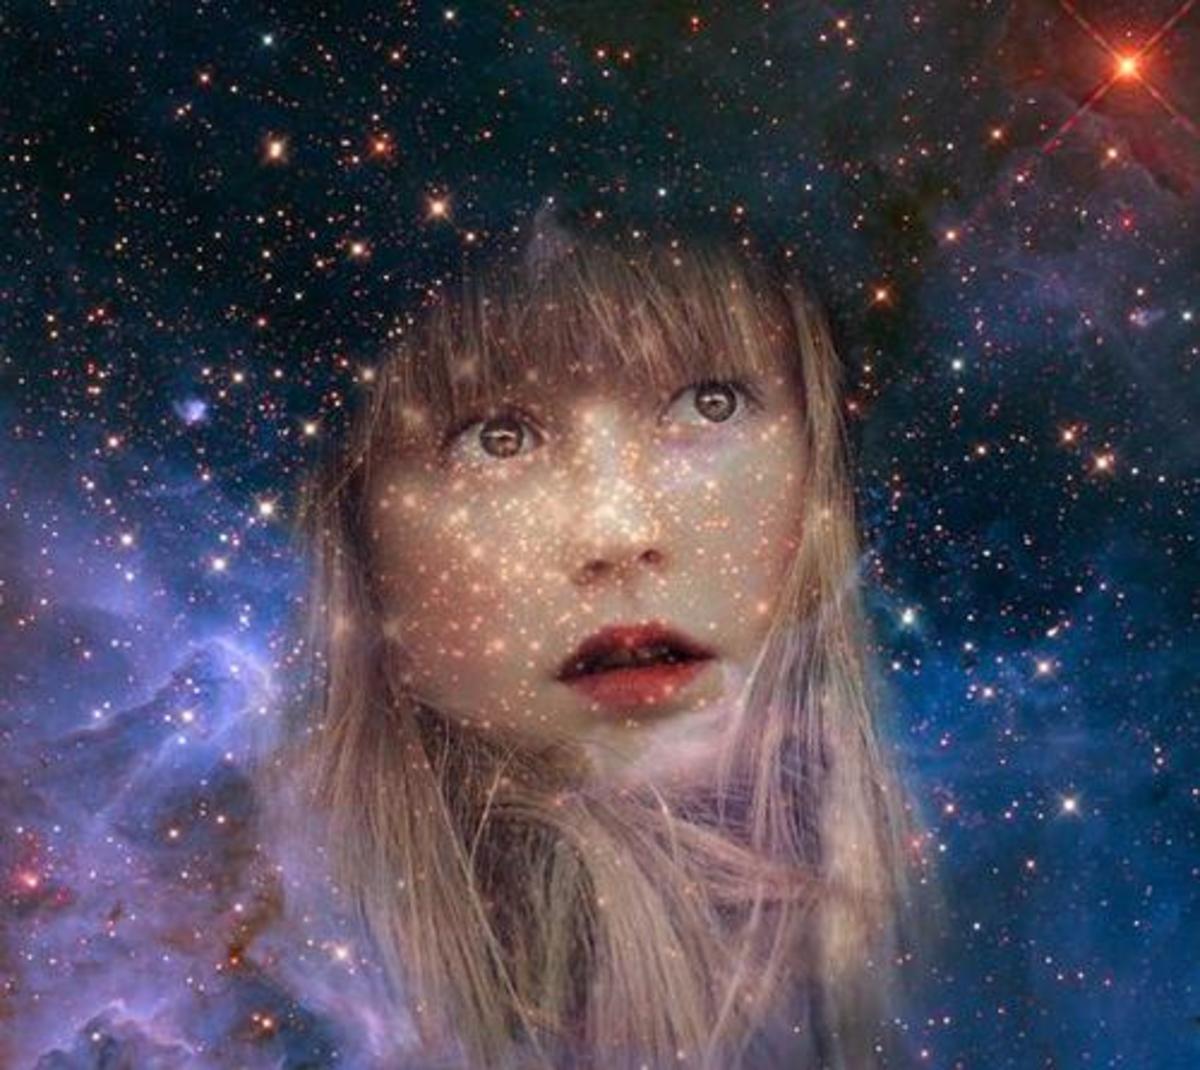 Poem:  Is My Spirit Looking Upon Me?